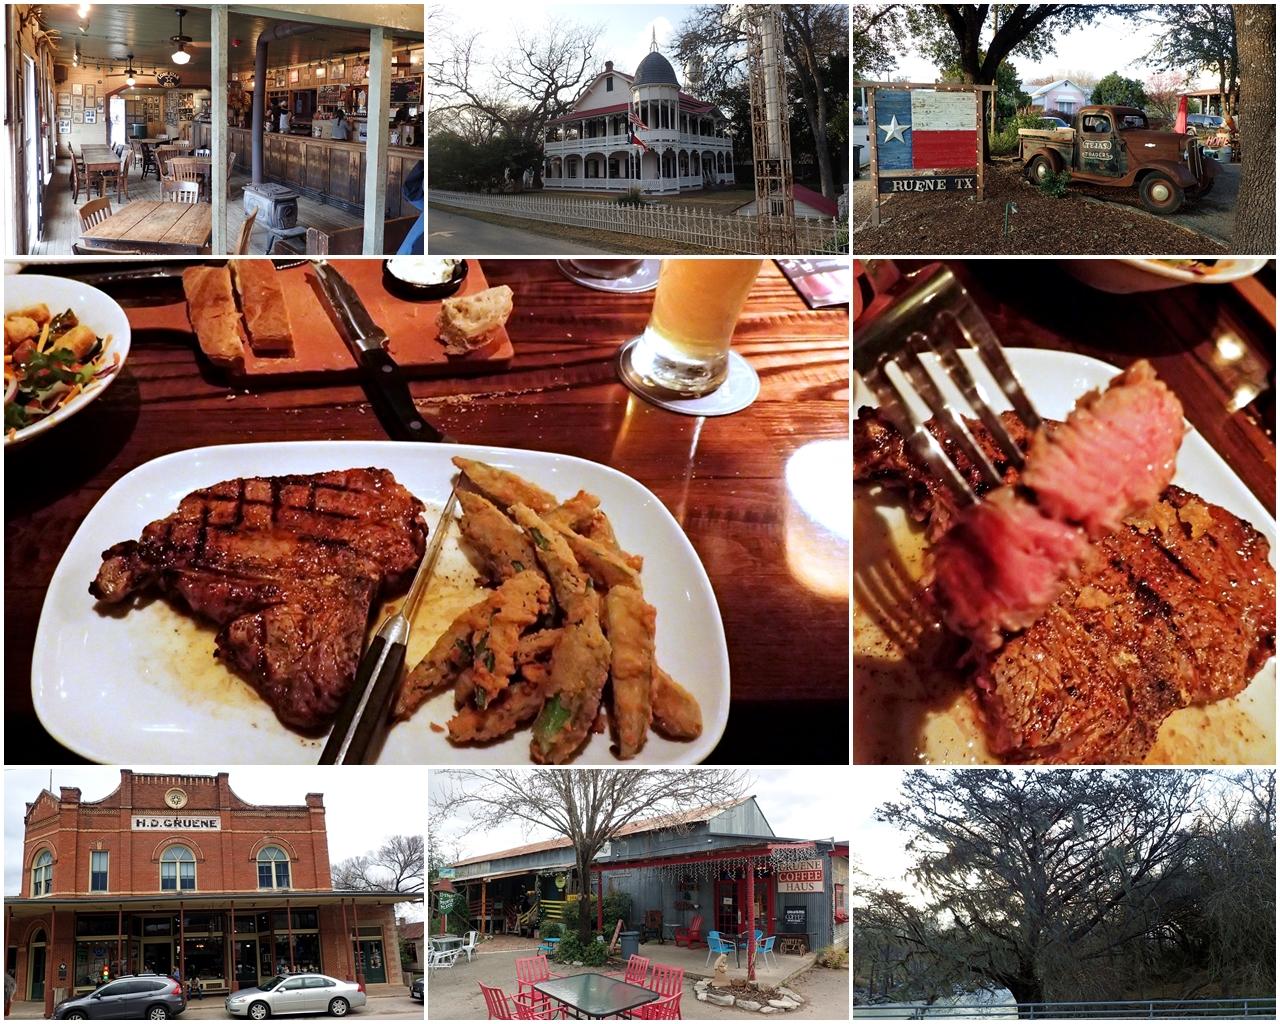 Gruene und Steakhouse.jpg